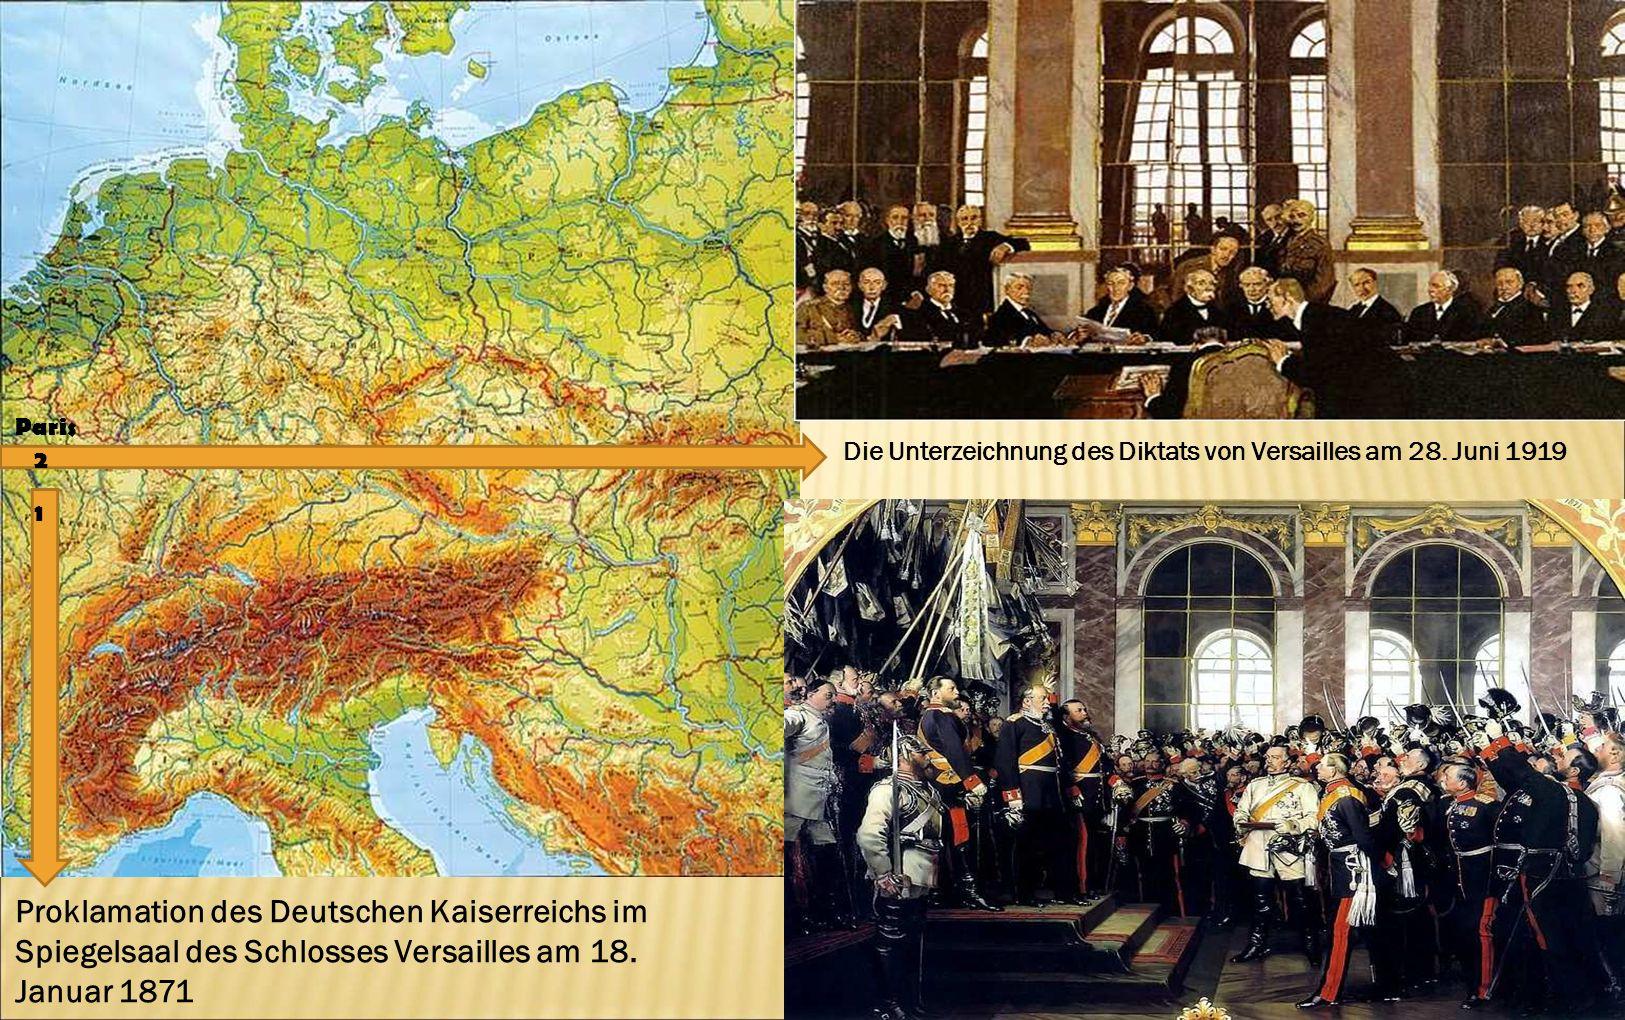 Paris Die Unterzeichnung des Diktats von Versailles am 28. Juni 1919. 2. 1.